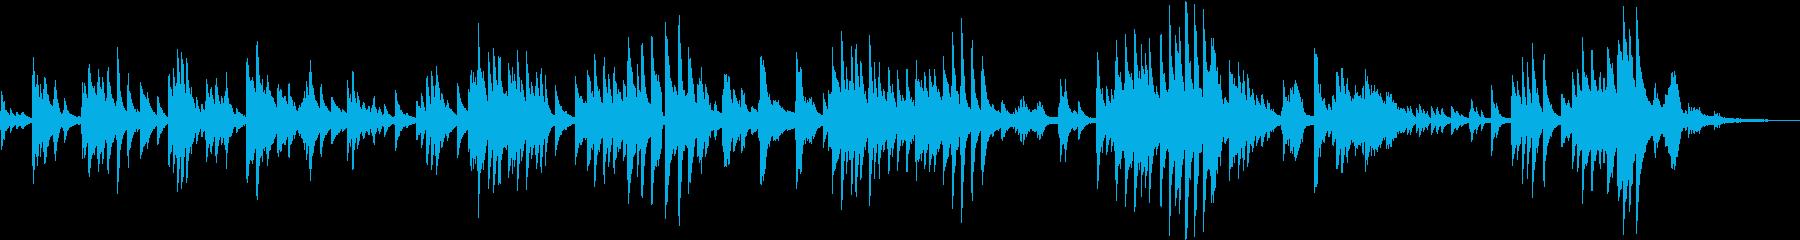 静かでありながらドラマチックなピアノソロの再生済みの波形